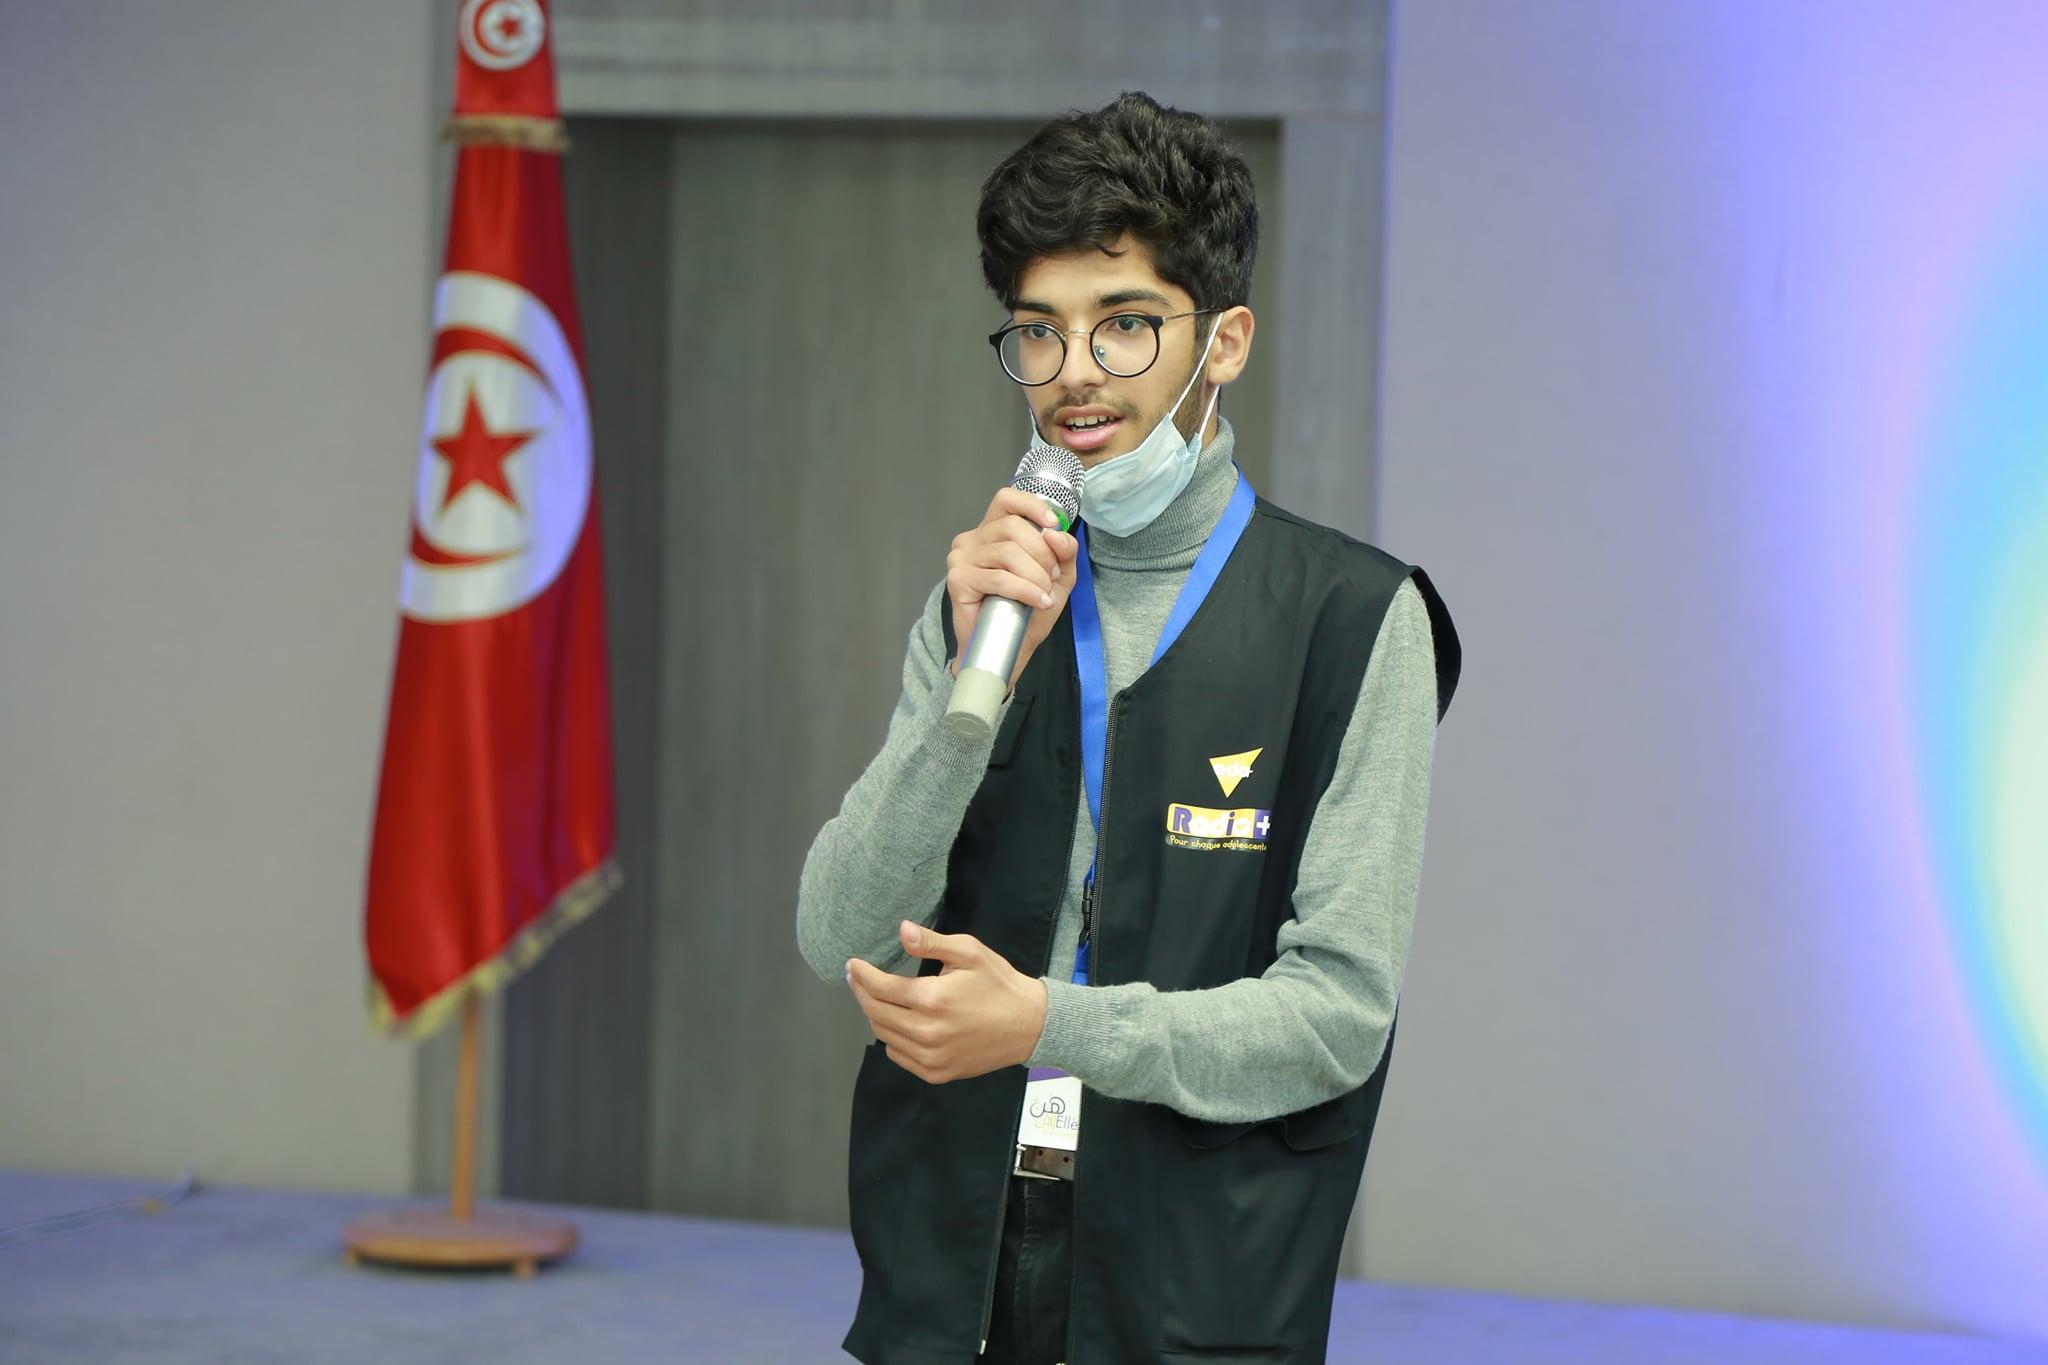 """تجربة خاصة : أحمد بوغندة : """"كنت أتمنى تطبيق جيد للبروتوكول الصحي داخل المعهد خلال السنة الدراسية الفارطة"""""""